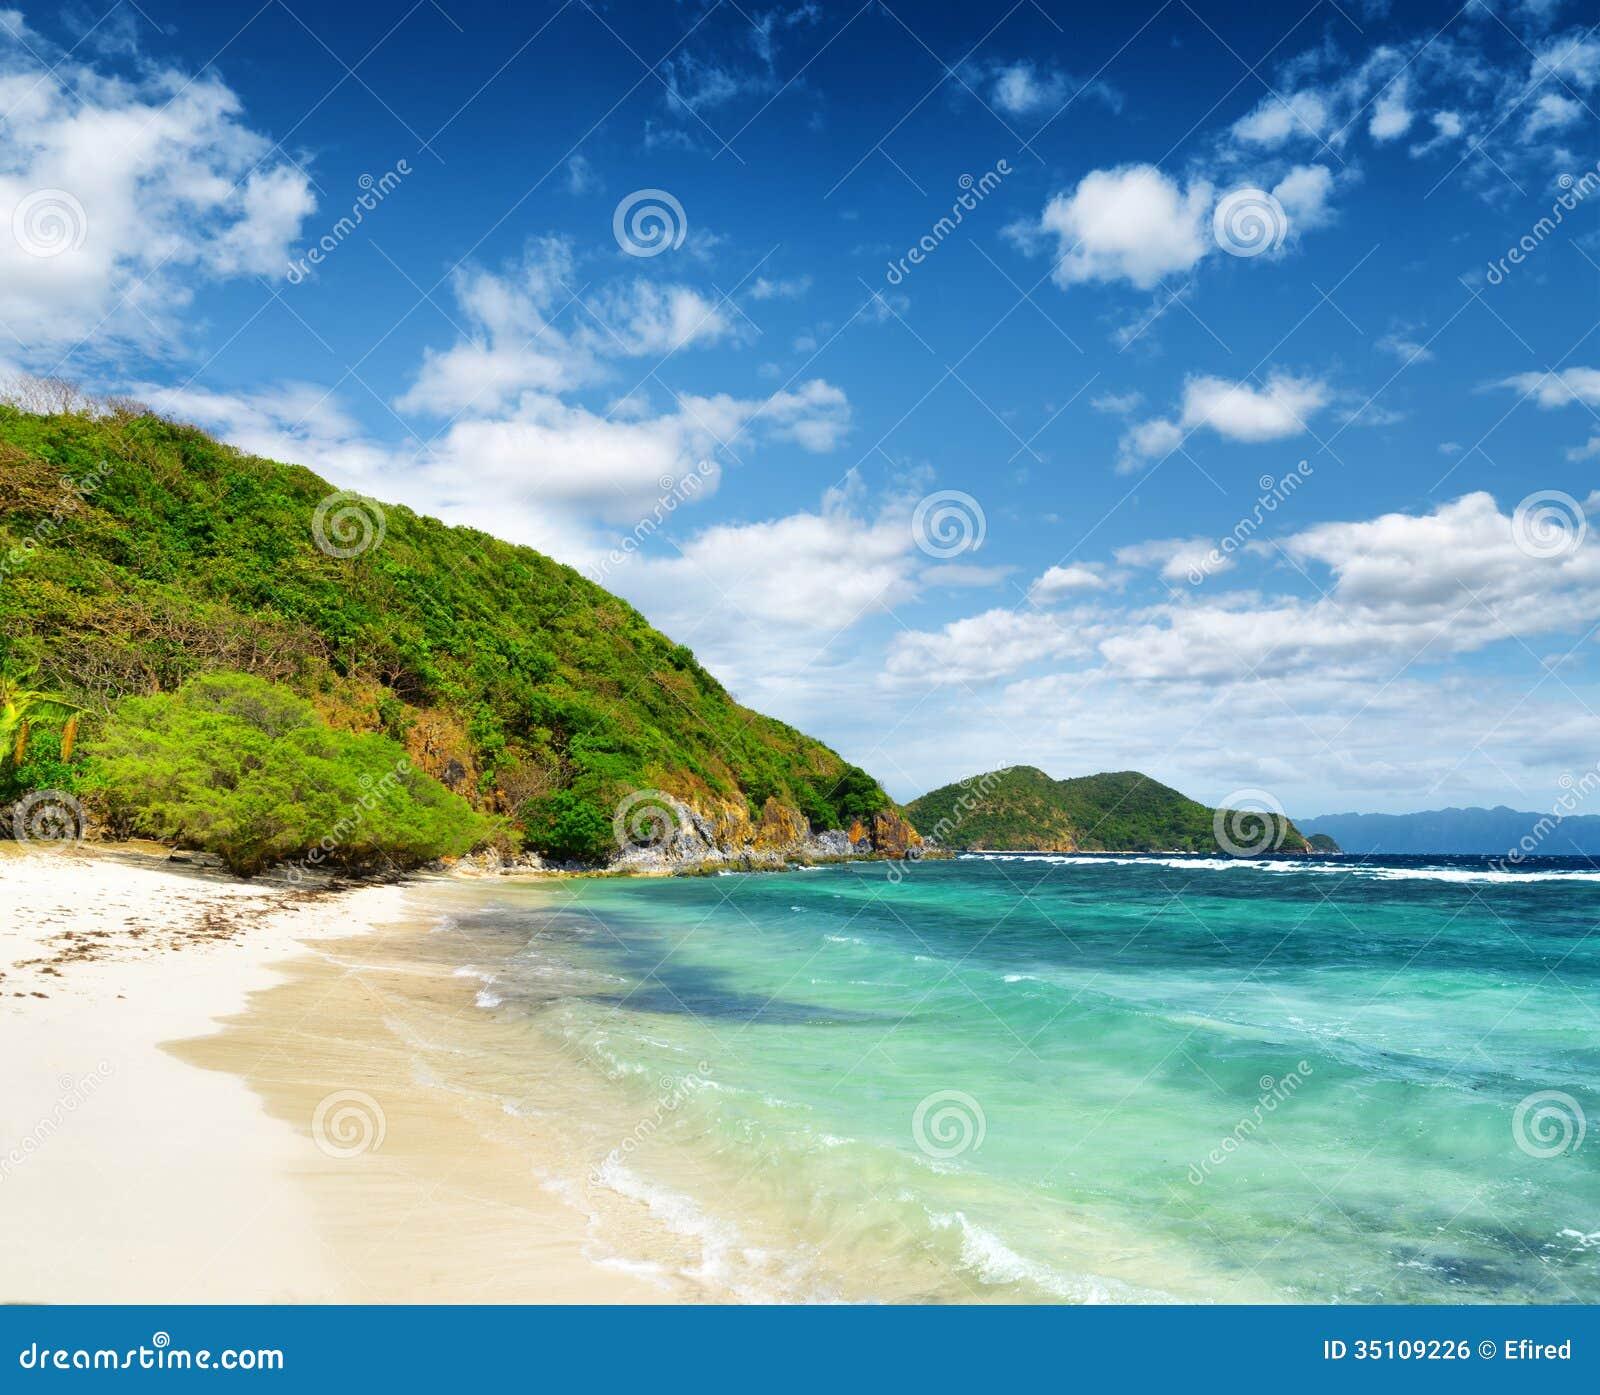 Beach Island: White Sand Beach. Malcapuya Island, Philippines Stock